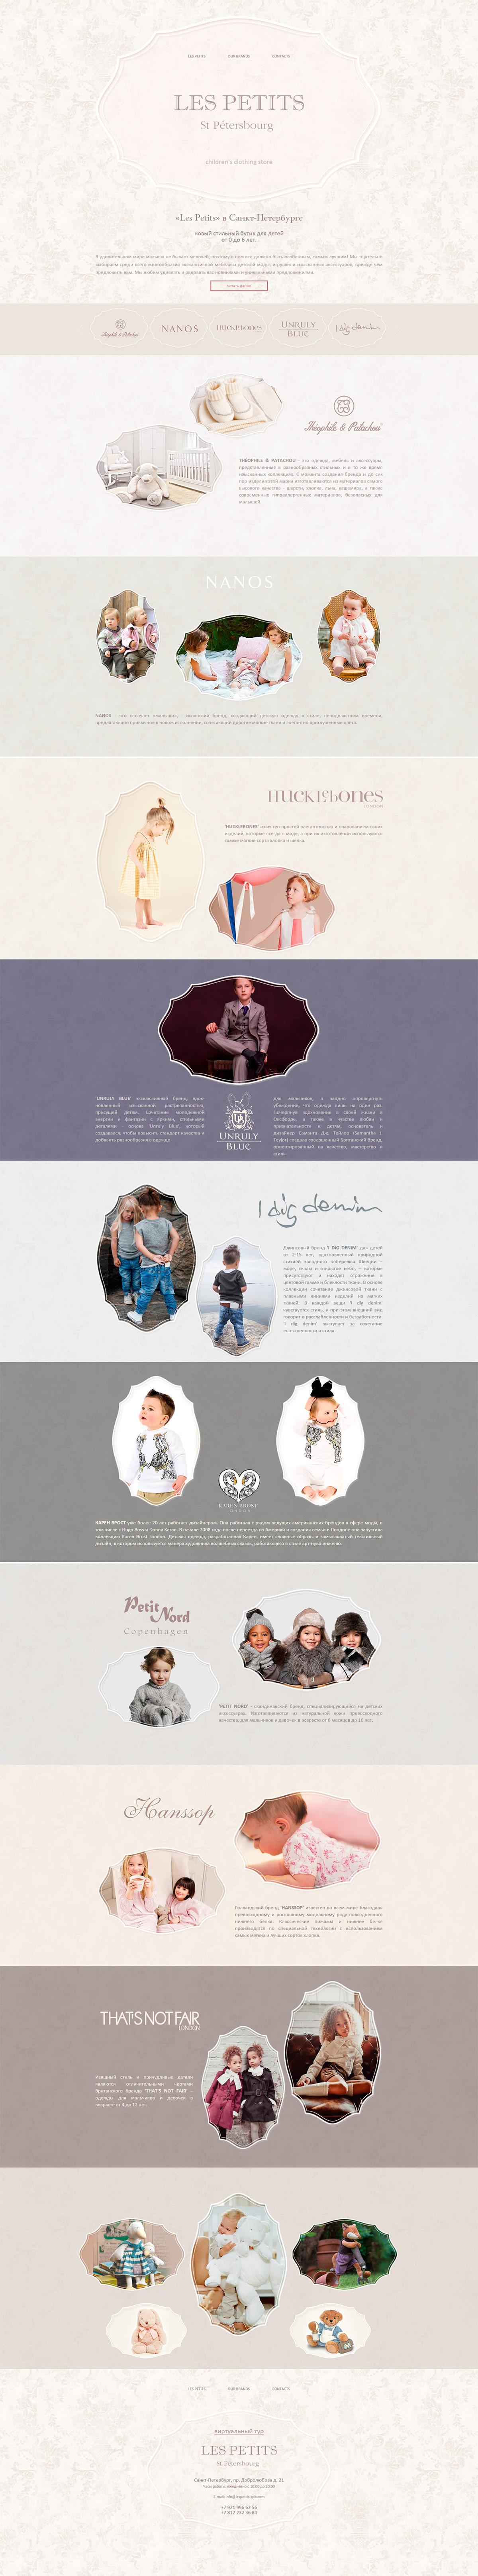 LP Одежда для Детей